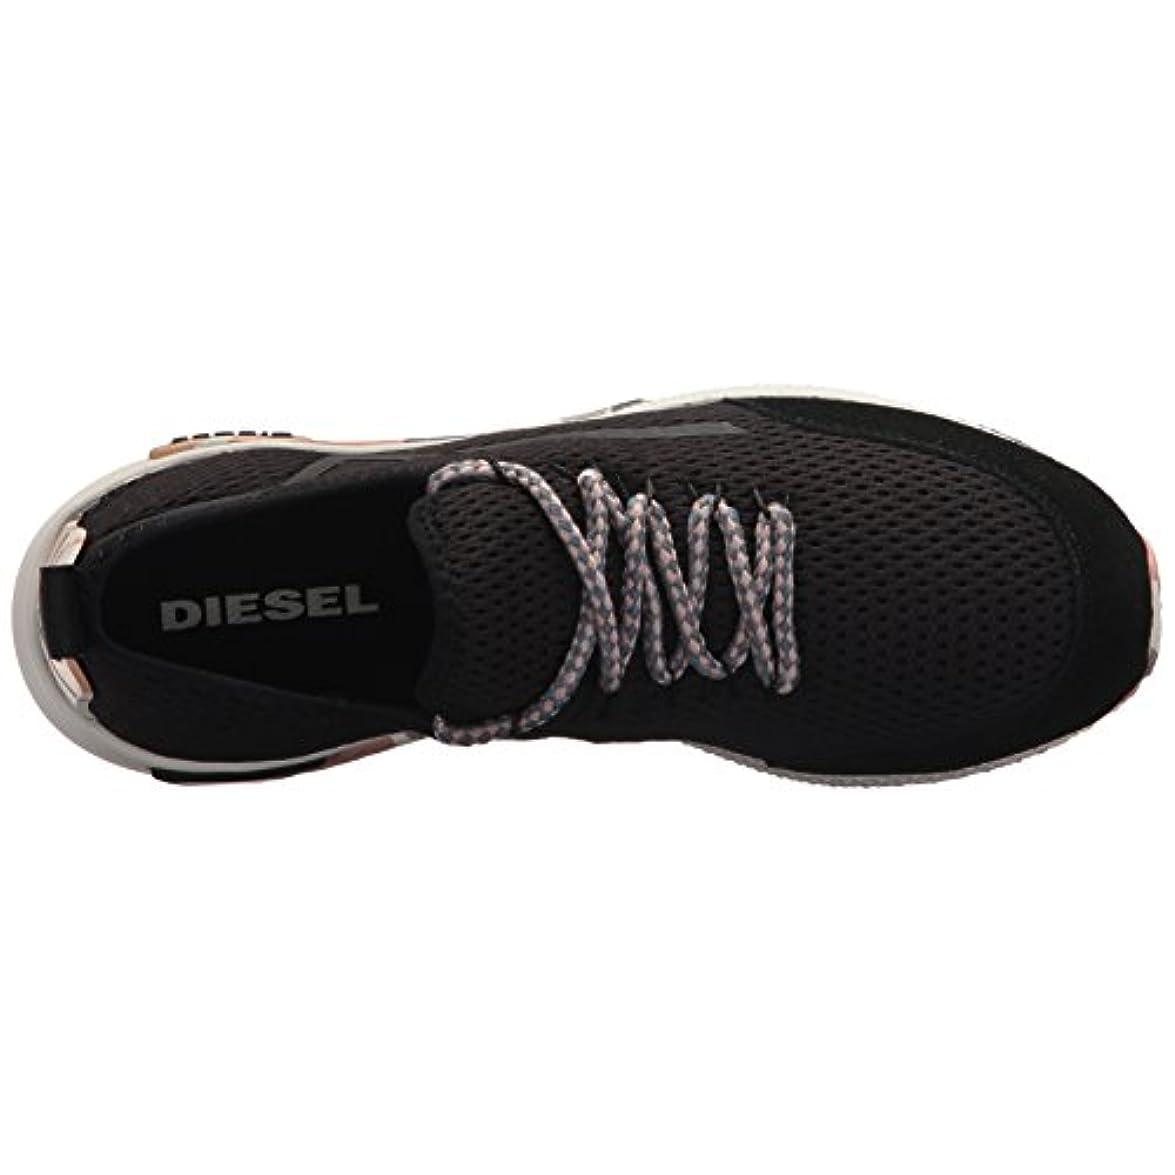 Diesel Donna - Sneakers In Mesh Nero Con Dettagli Camo Numero 39